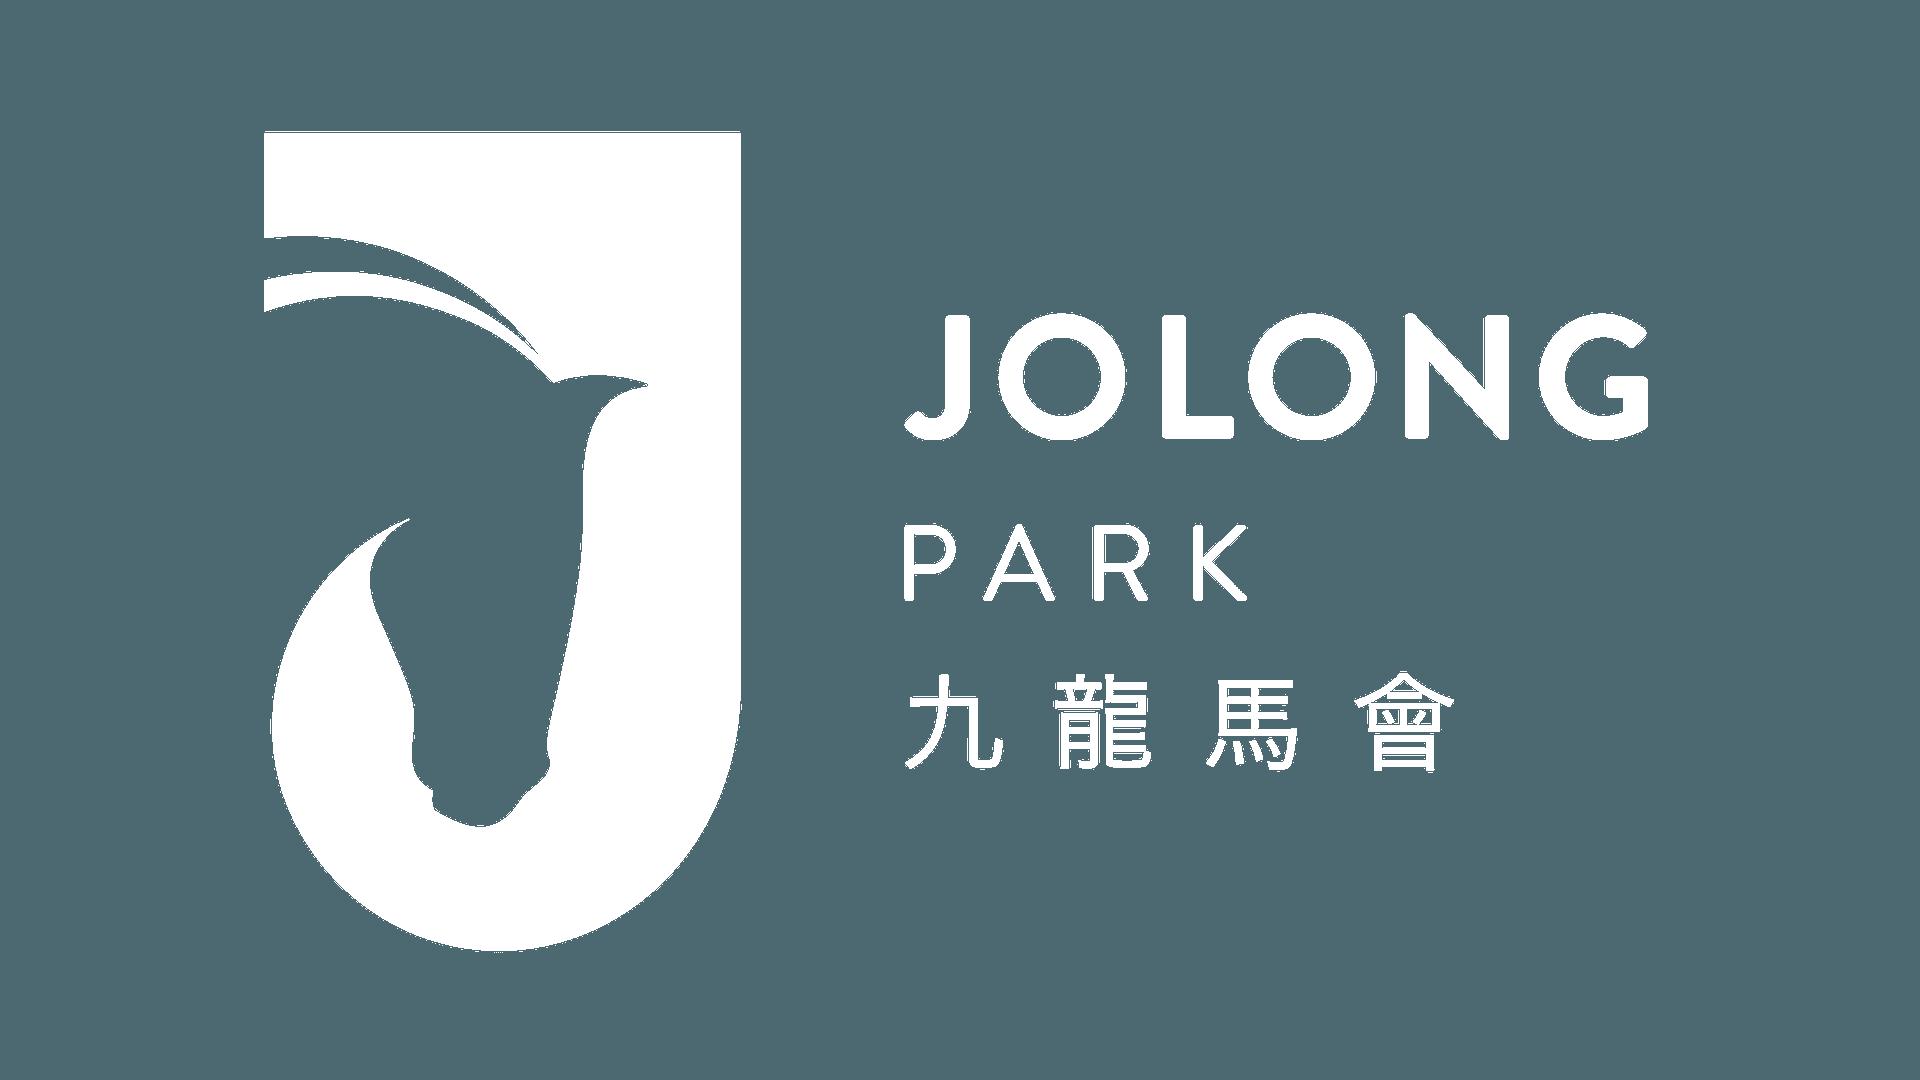 Jolong Park